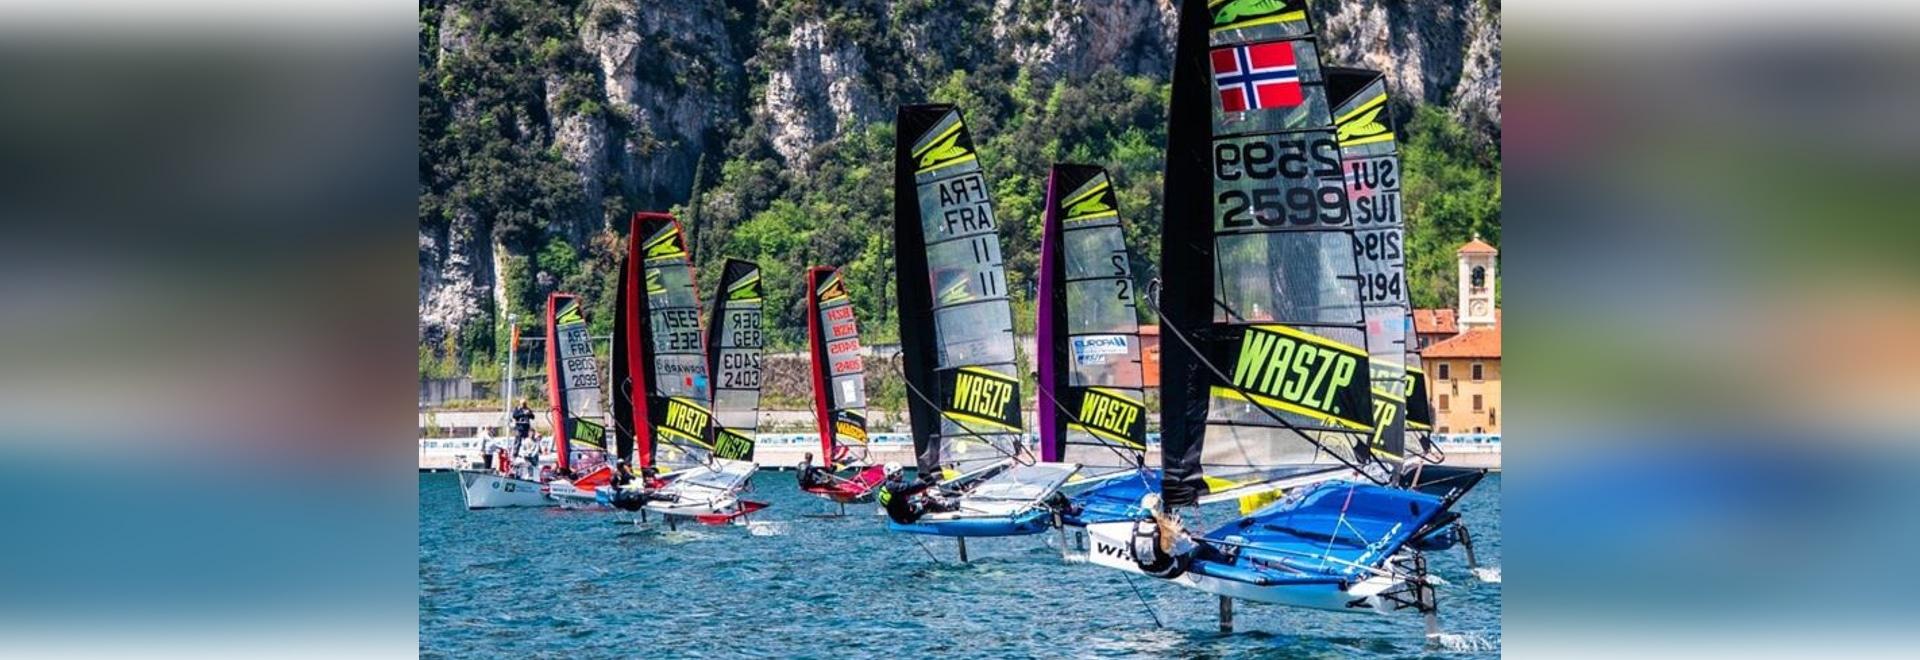 Les Championnats d'Europe WASZP en route pour une flotte record